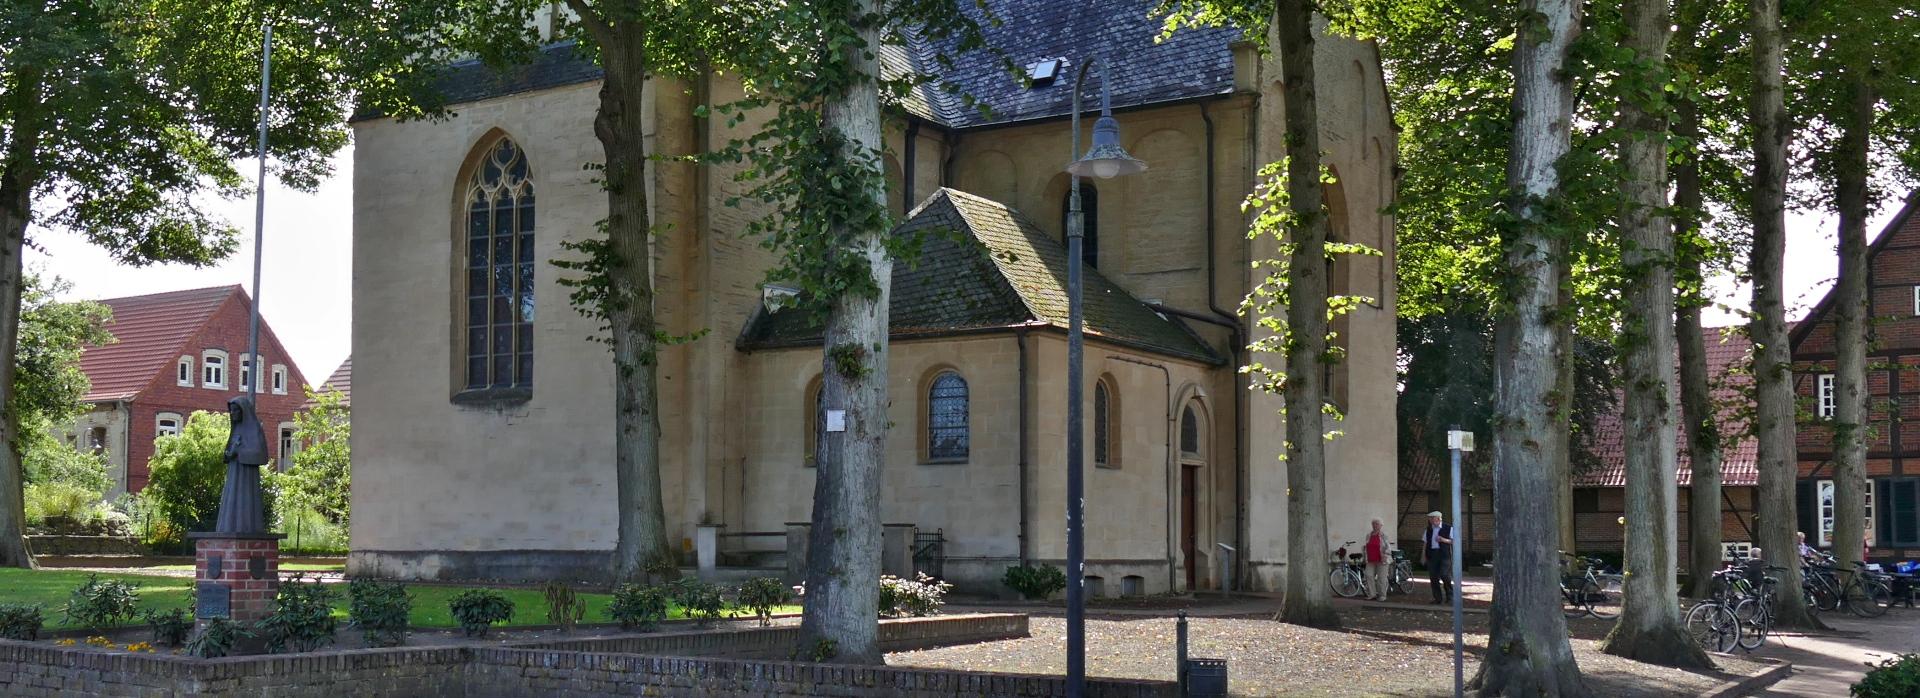 Kirche Asbeck